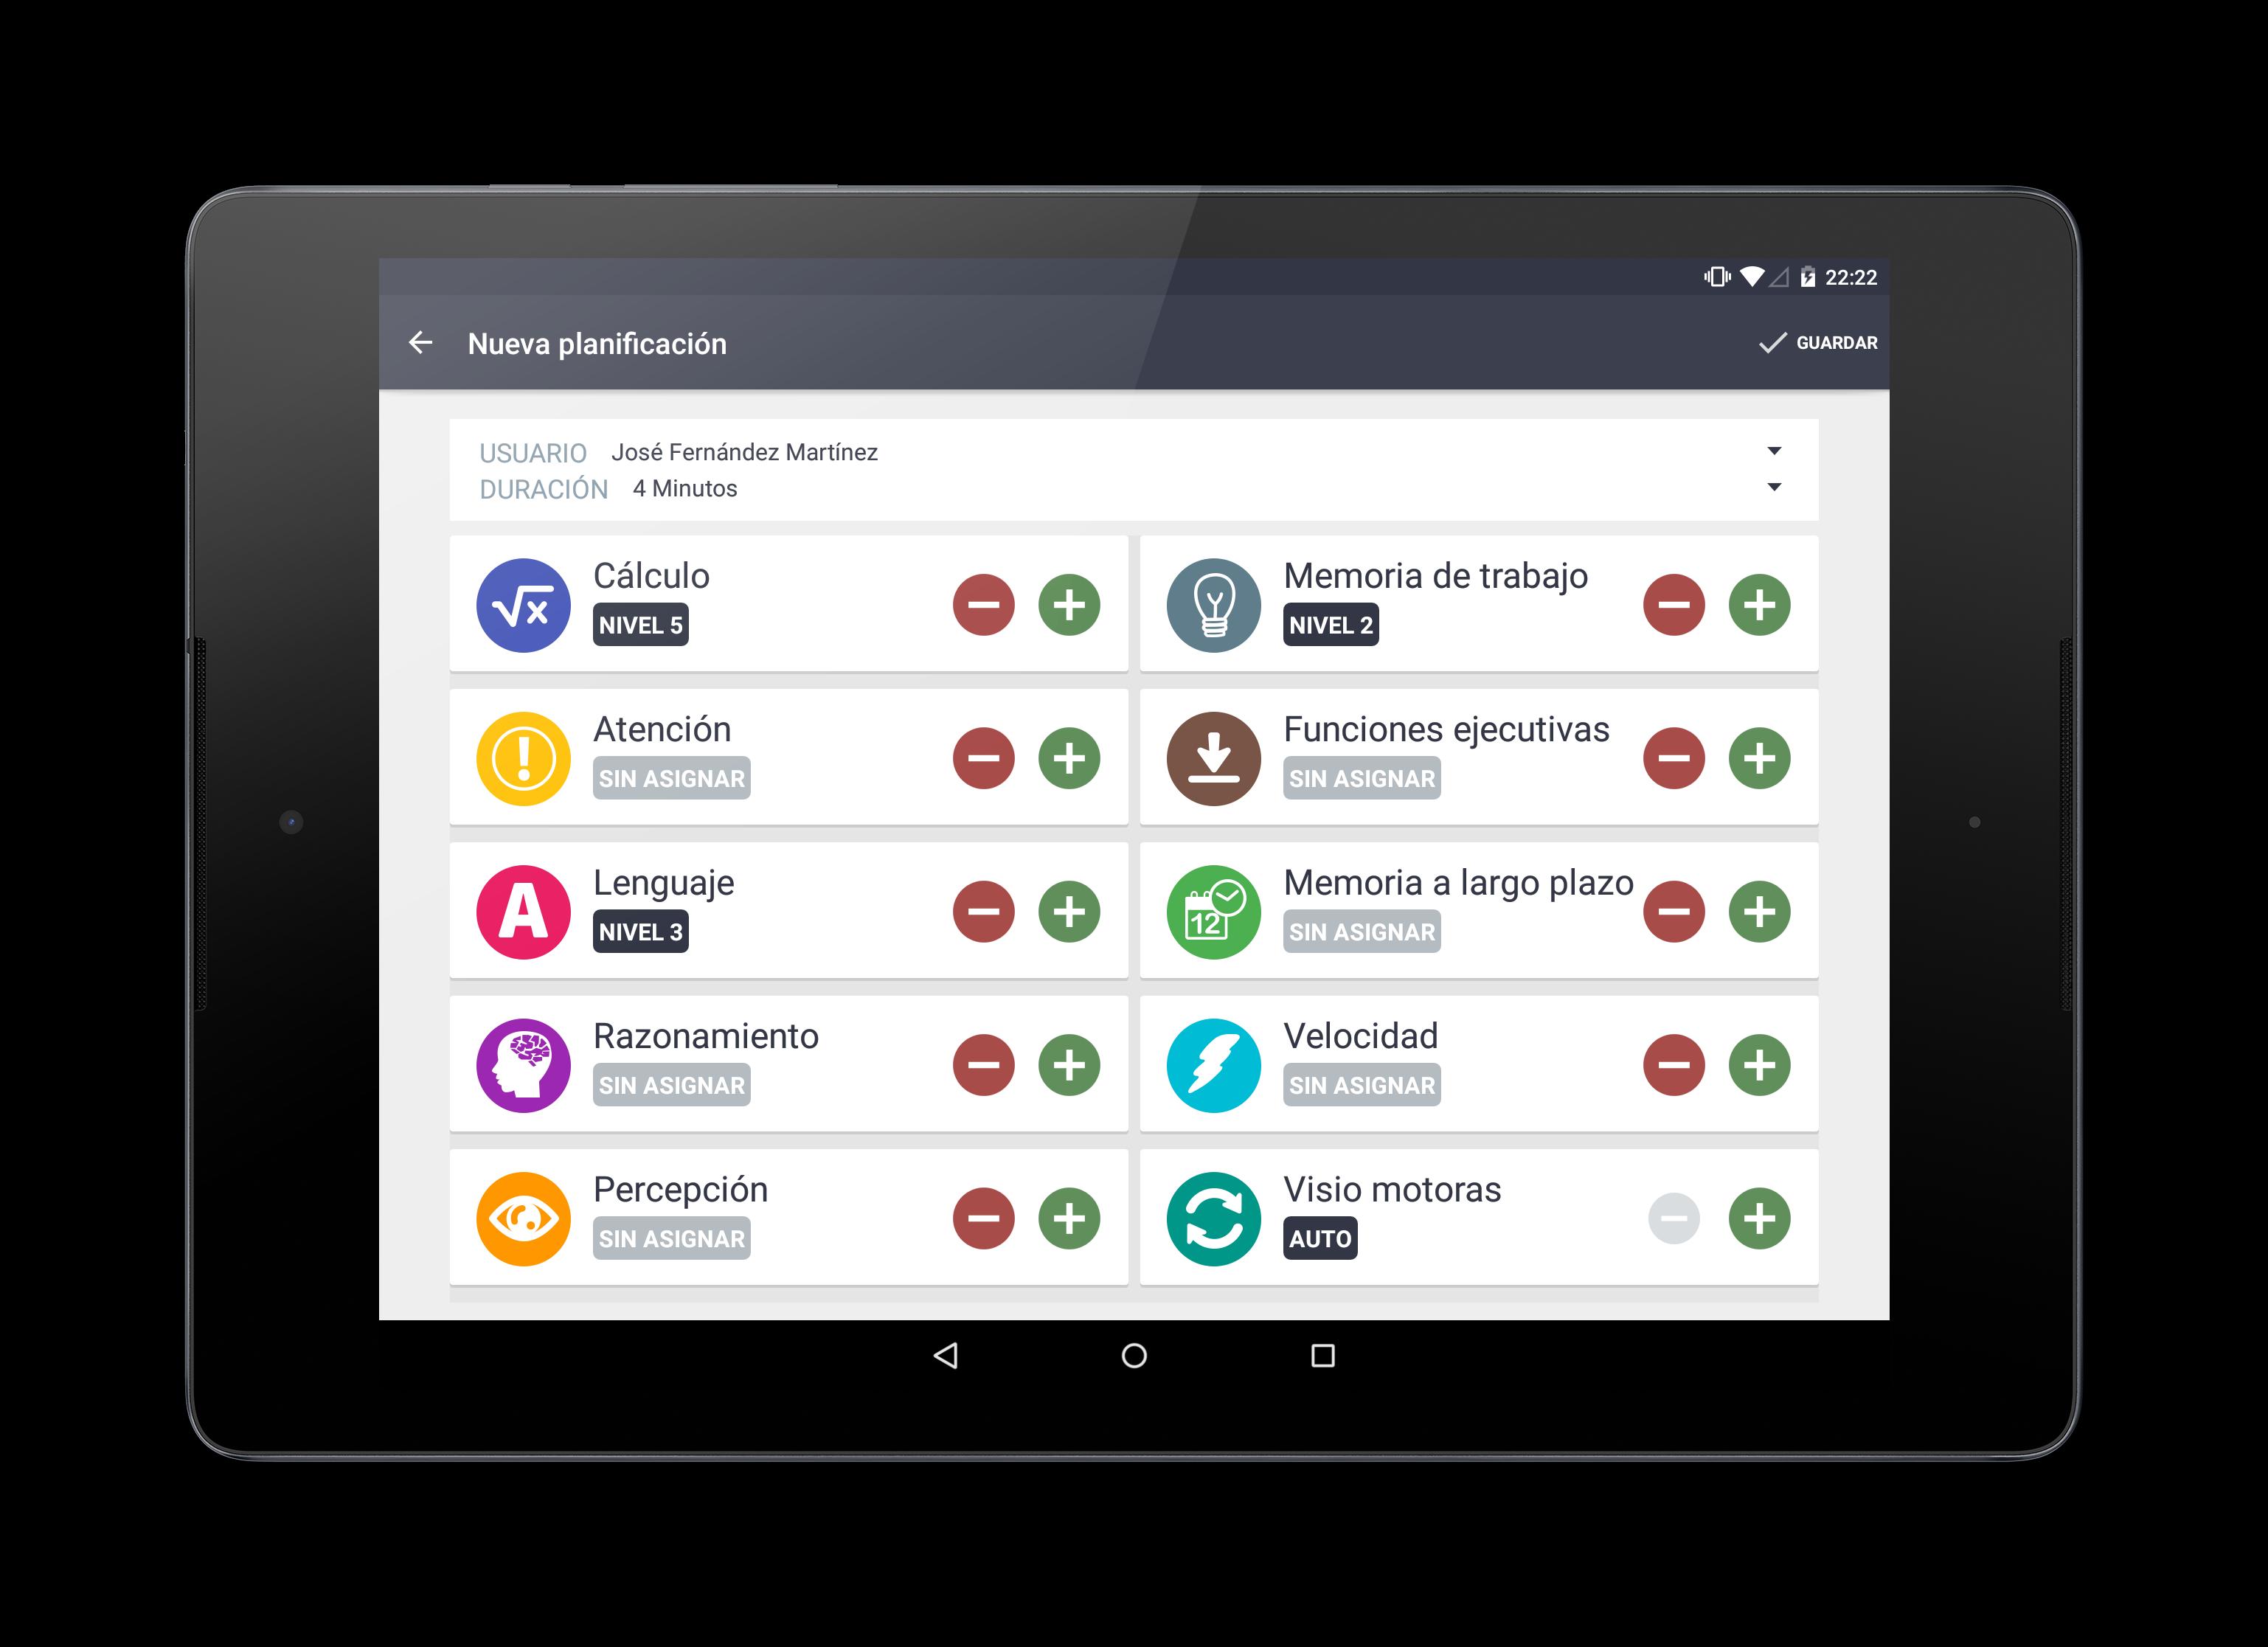 Planificador de sesiones | De manera personalizada para cada usuario, podrá seleccionar las funciones cognitivas con las que desea trabajar y su nivel. Stimulus se encargará de lo demás.